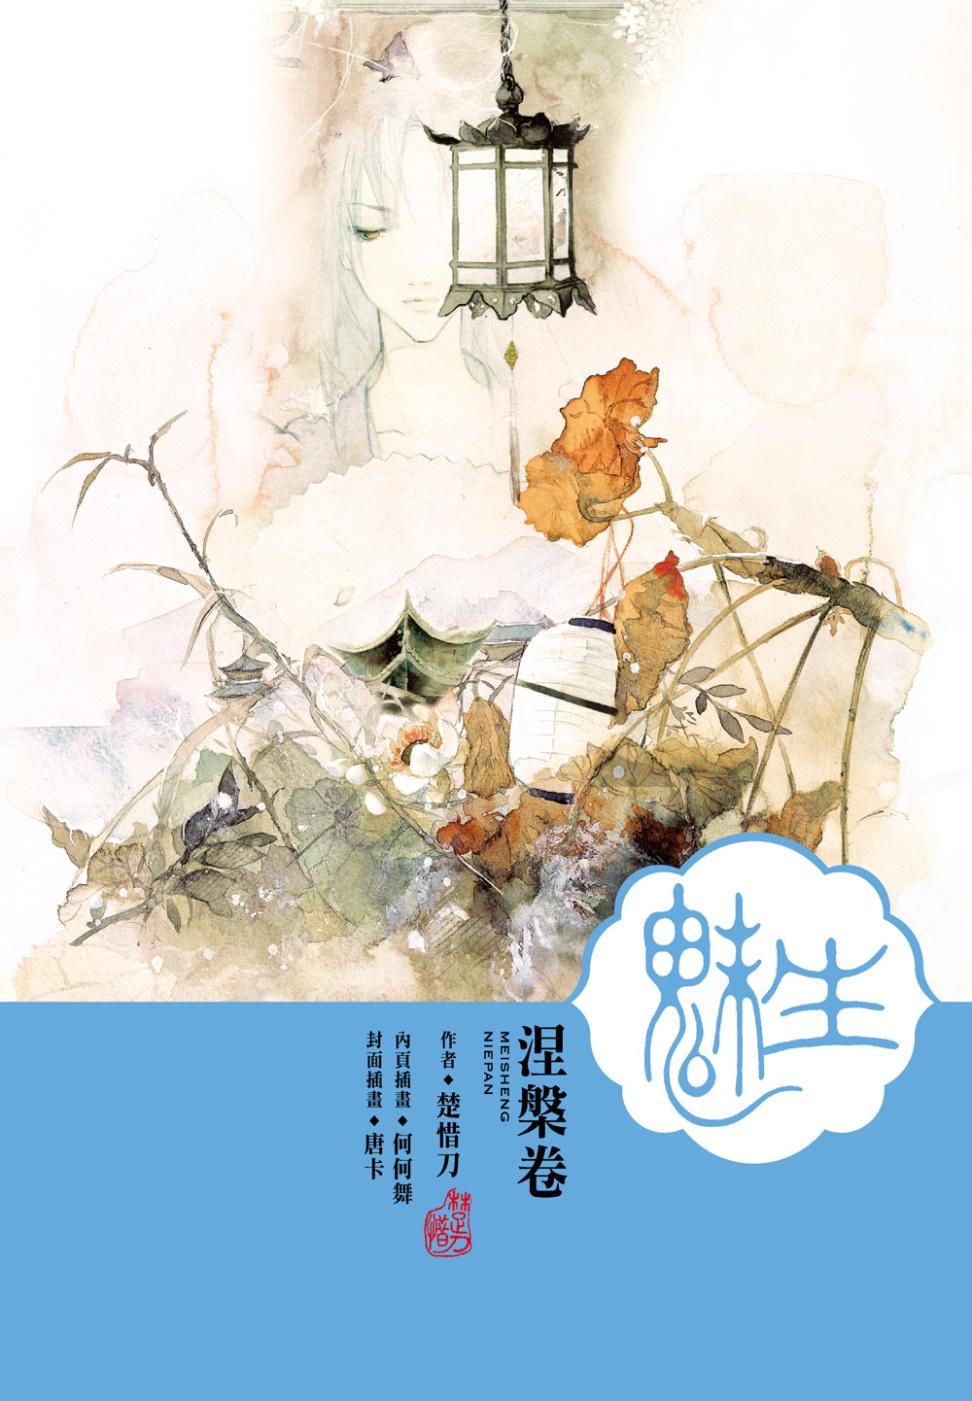 魅生(04):涅槃卷